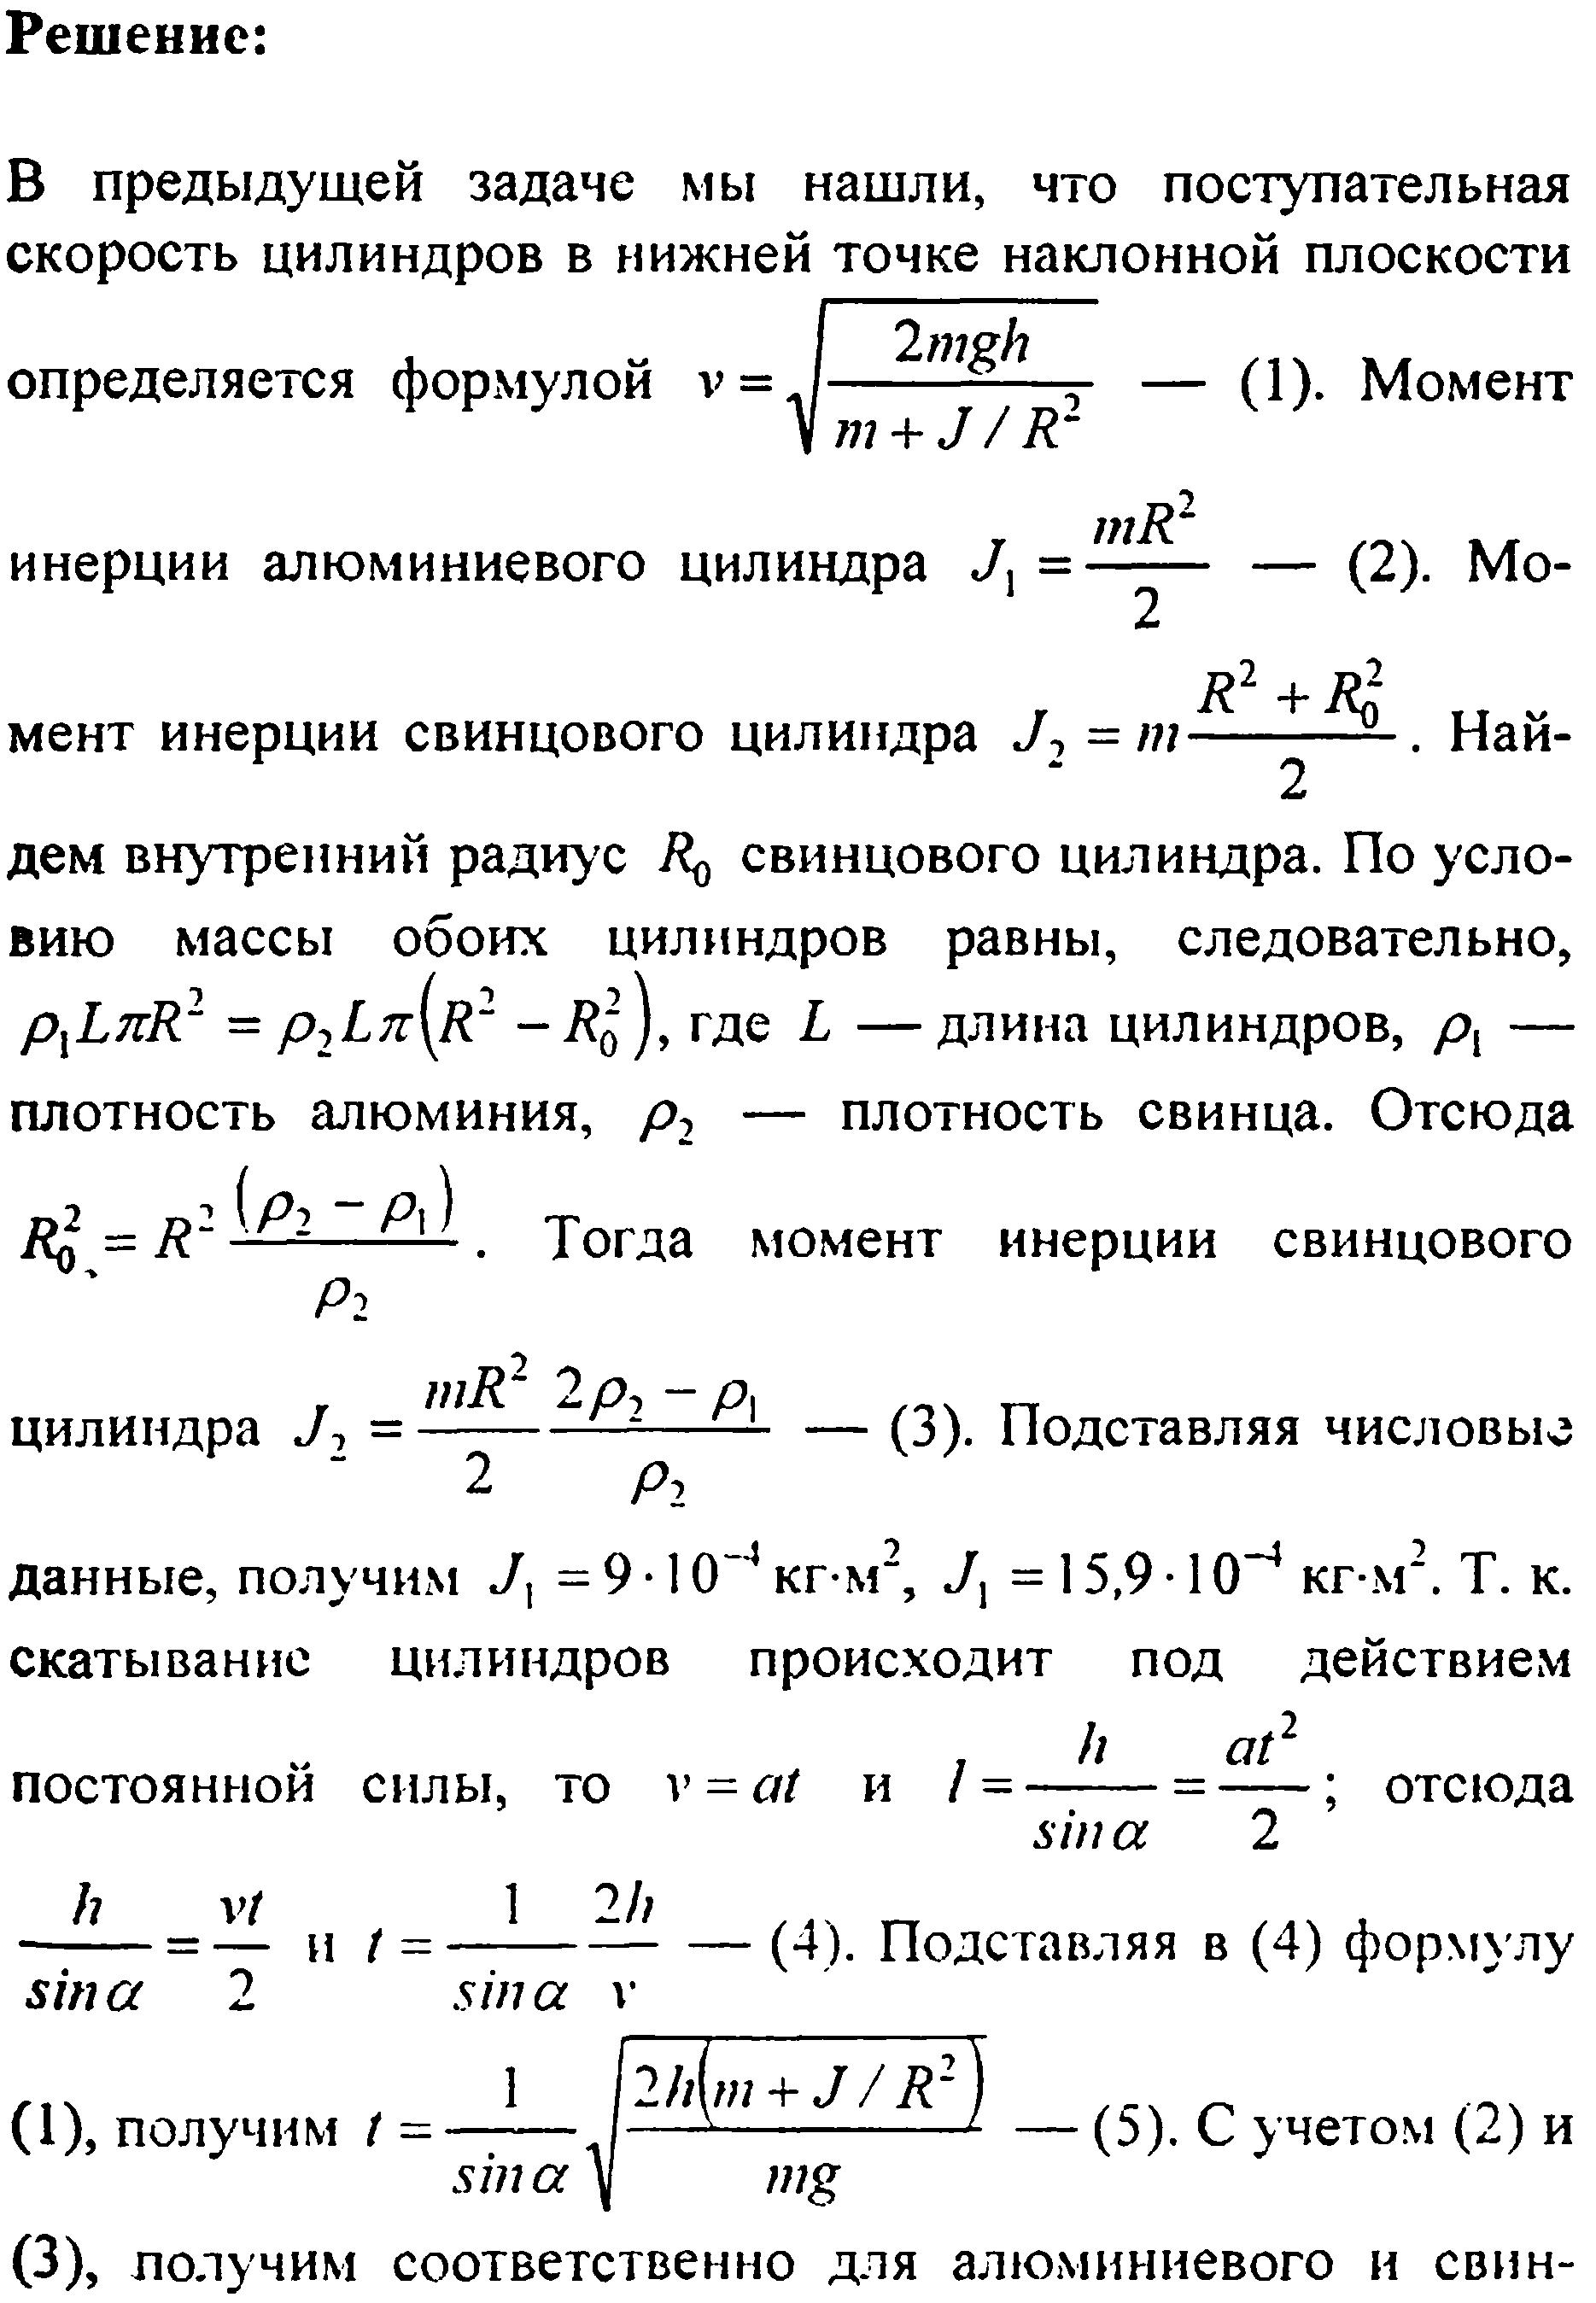 Штанга Продам куплю Спорттовары, Харьков